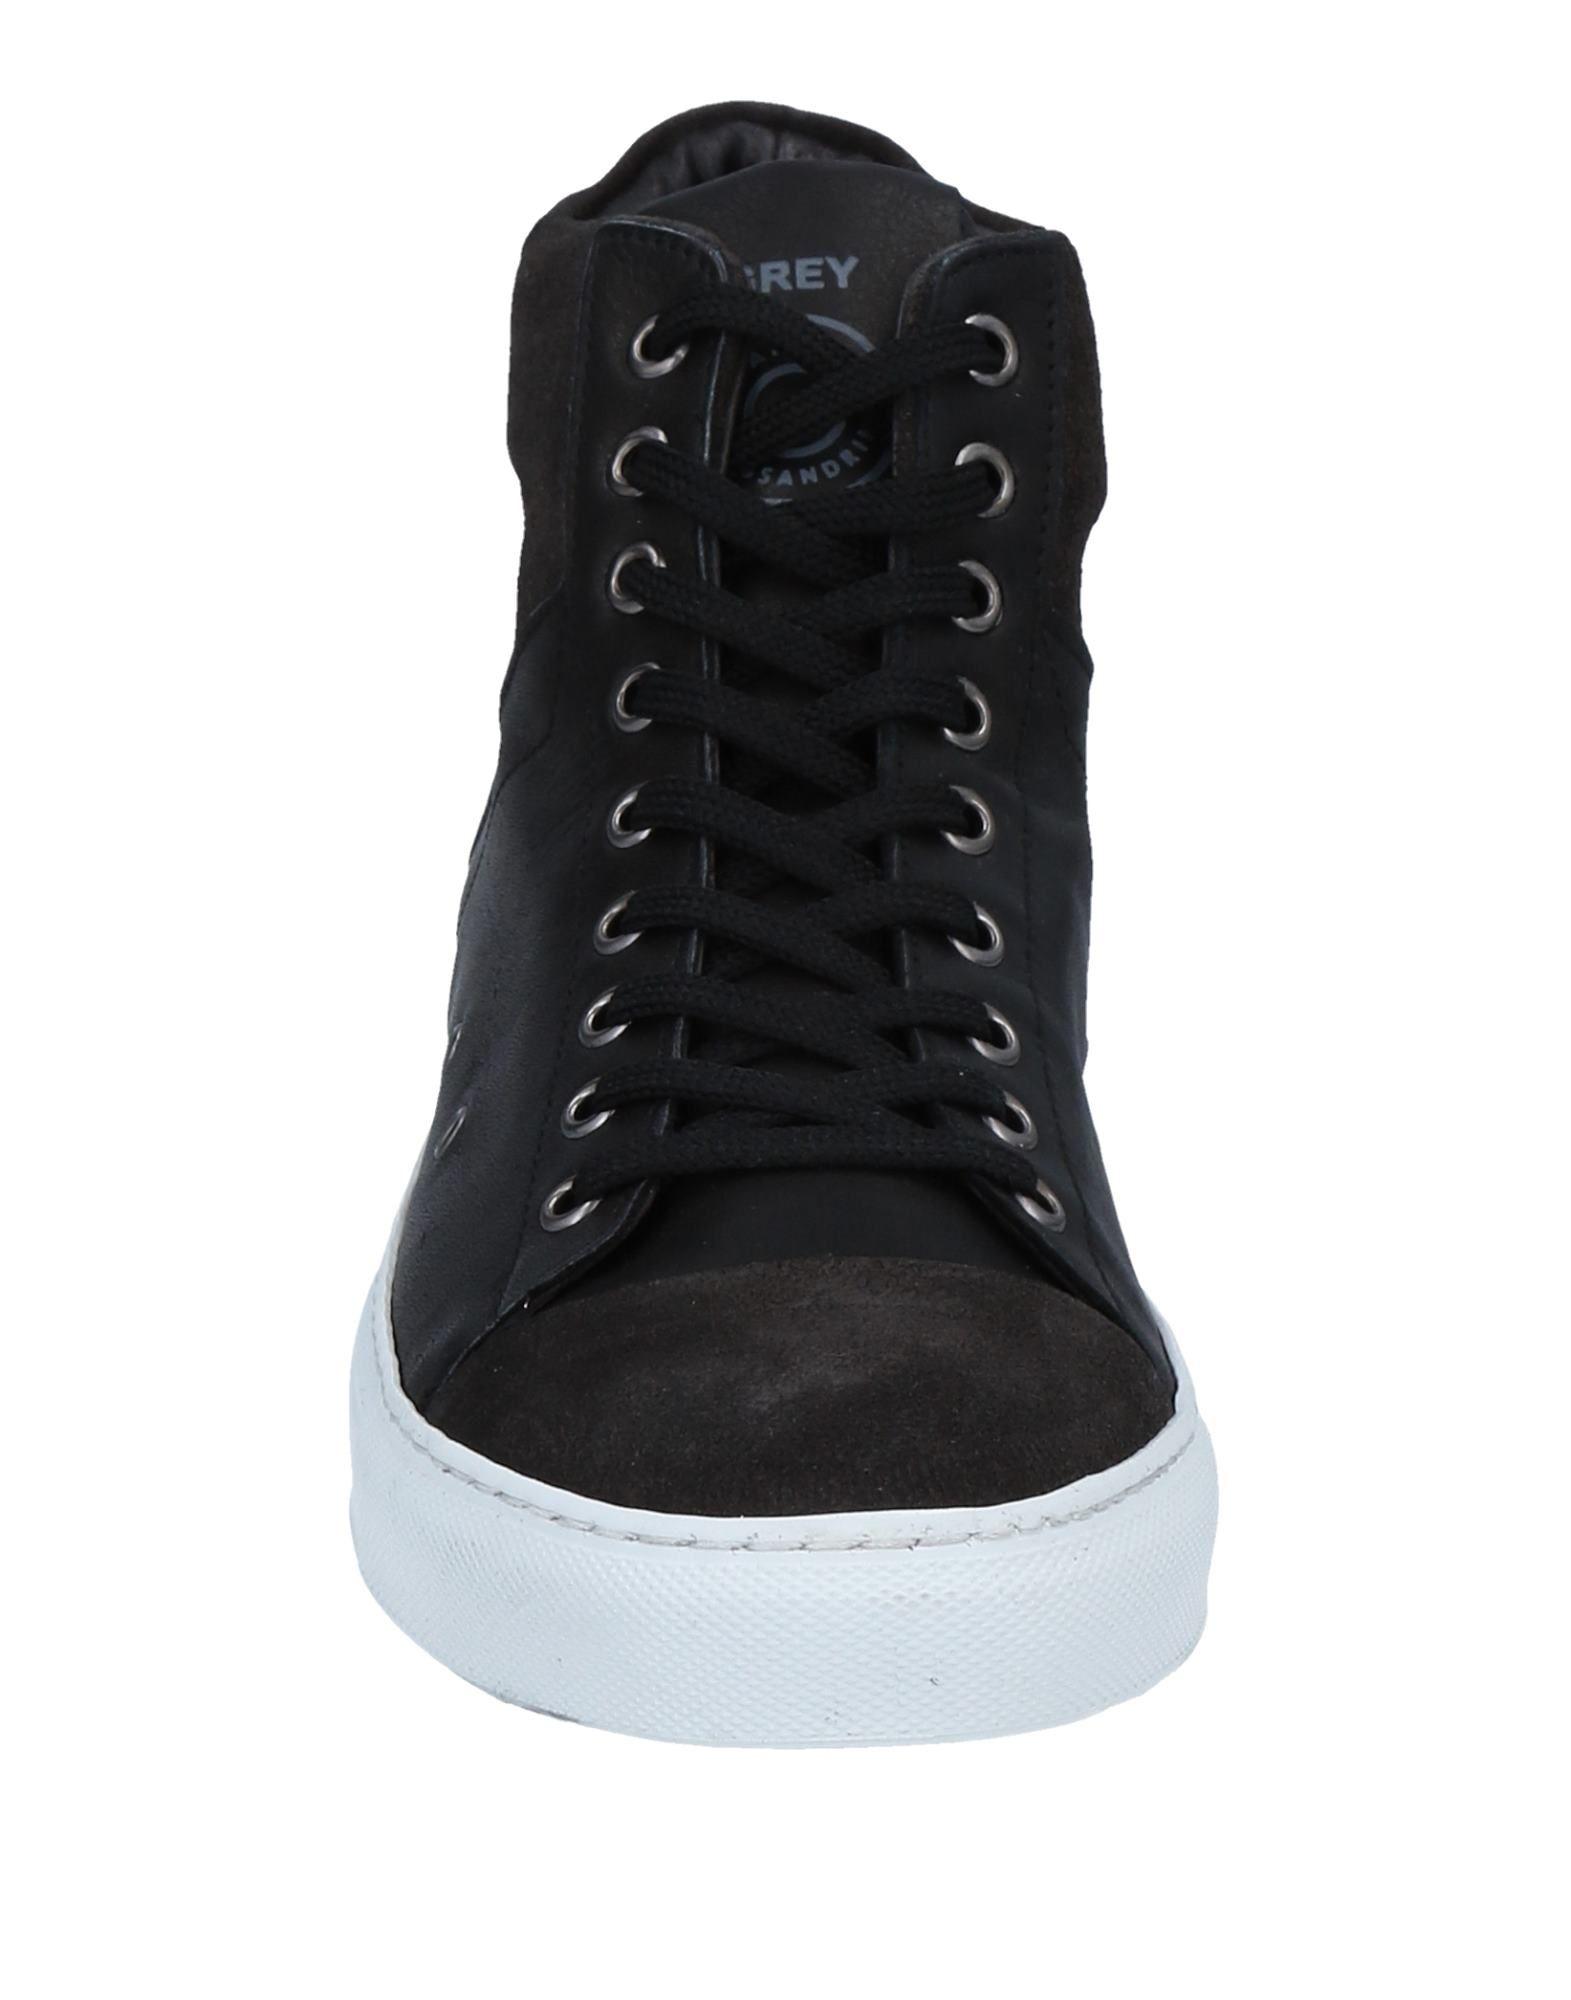 Rabatt echte Schuhe Daniele  Alessandrini Sneakers Herren  Daniele 11507100OC 5d92aa